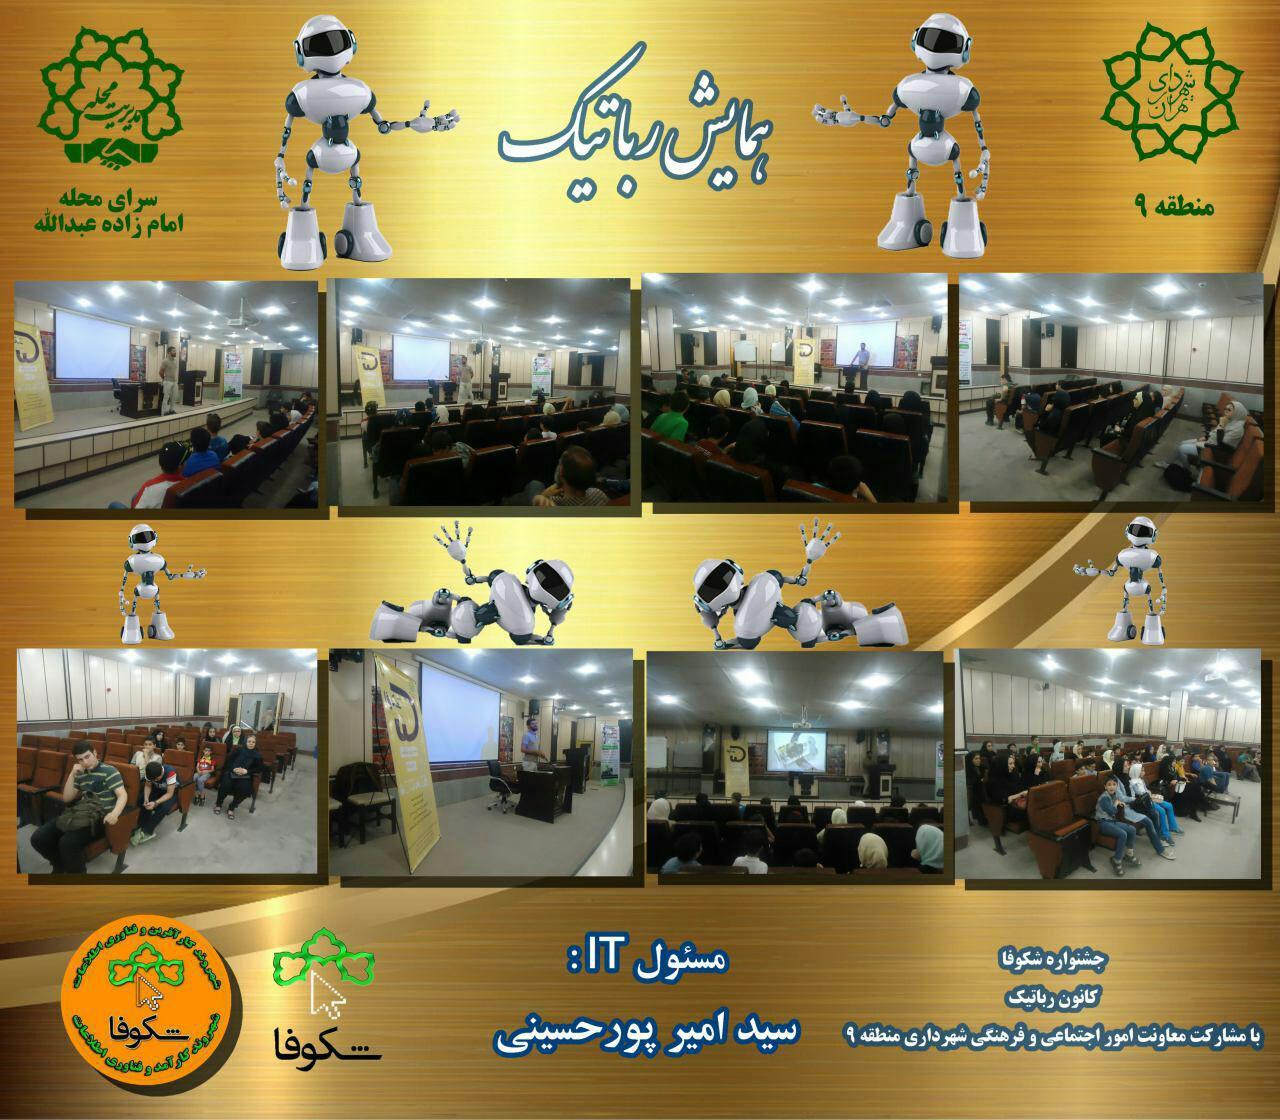 جشنواره شکوفا 95 همایش رباتیک